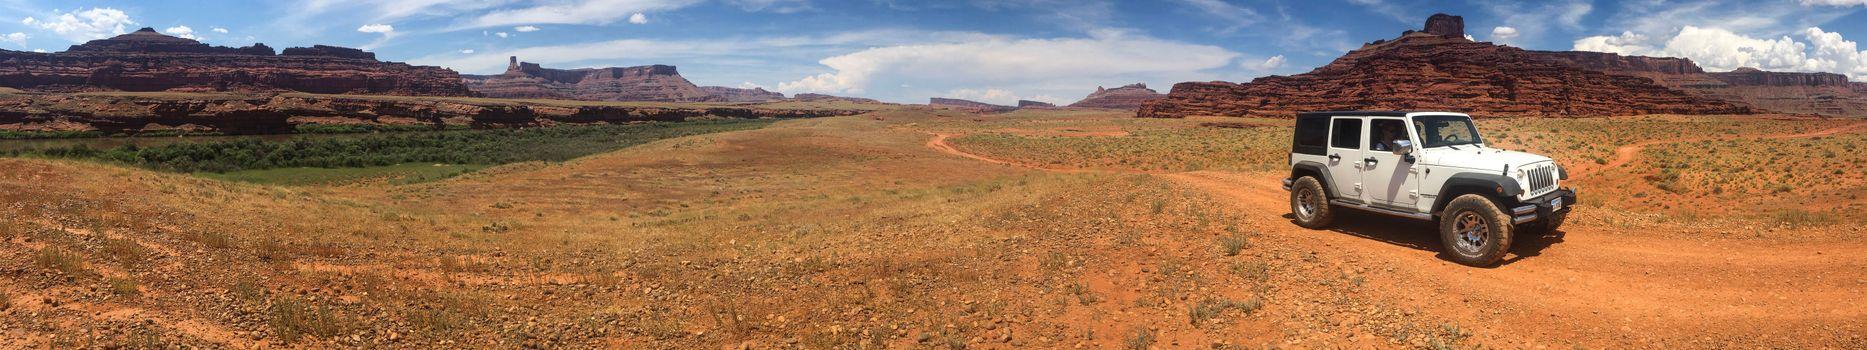 Фото бесплатно пустыня, скалы, песок